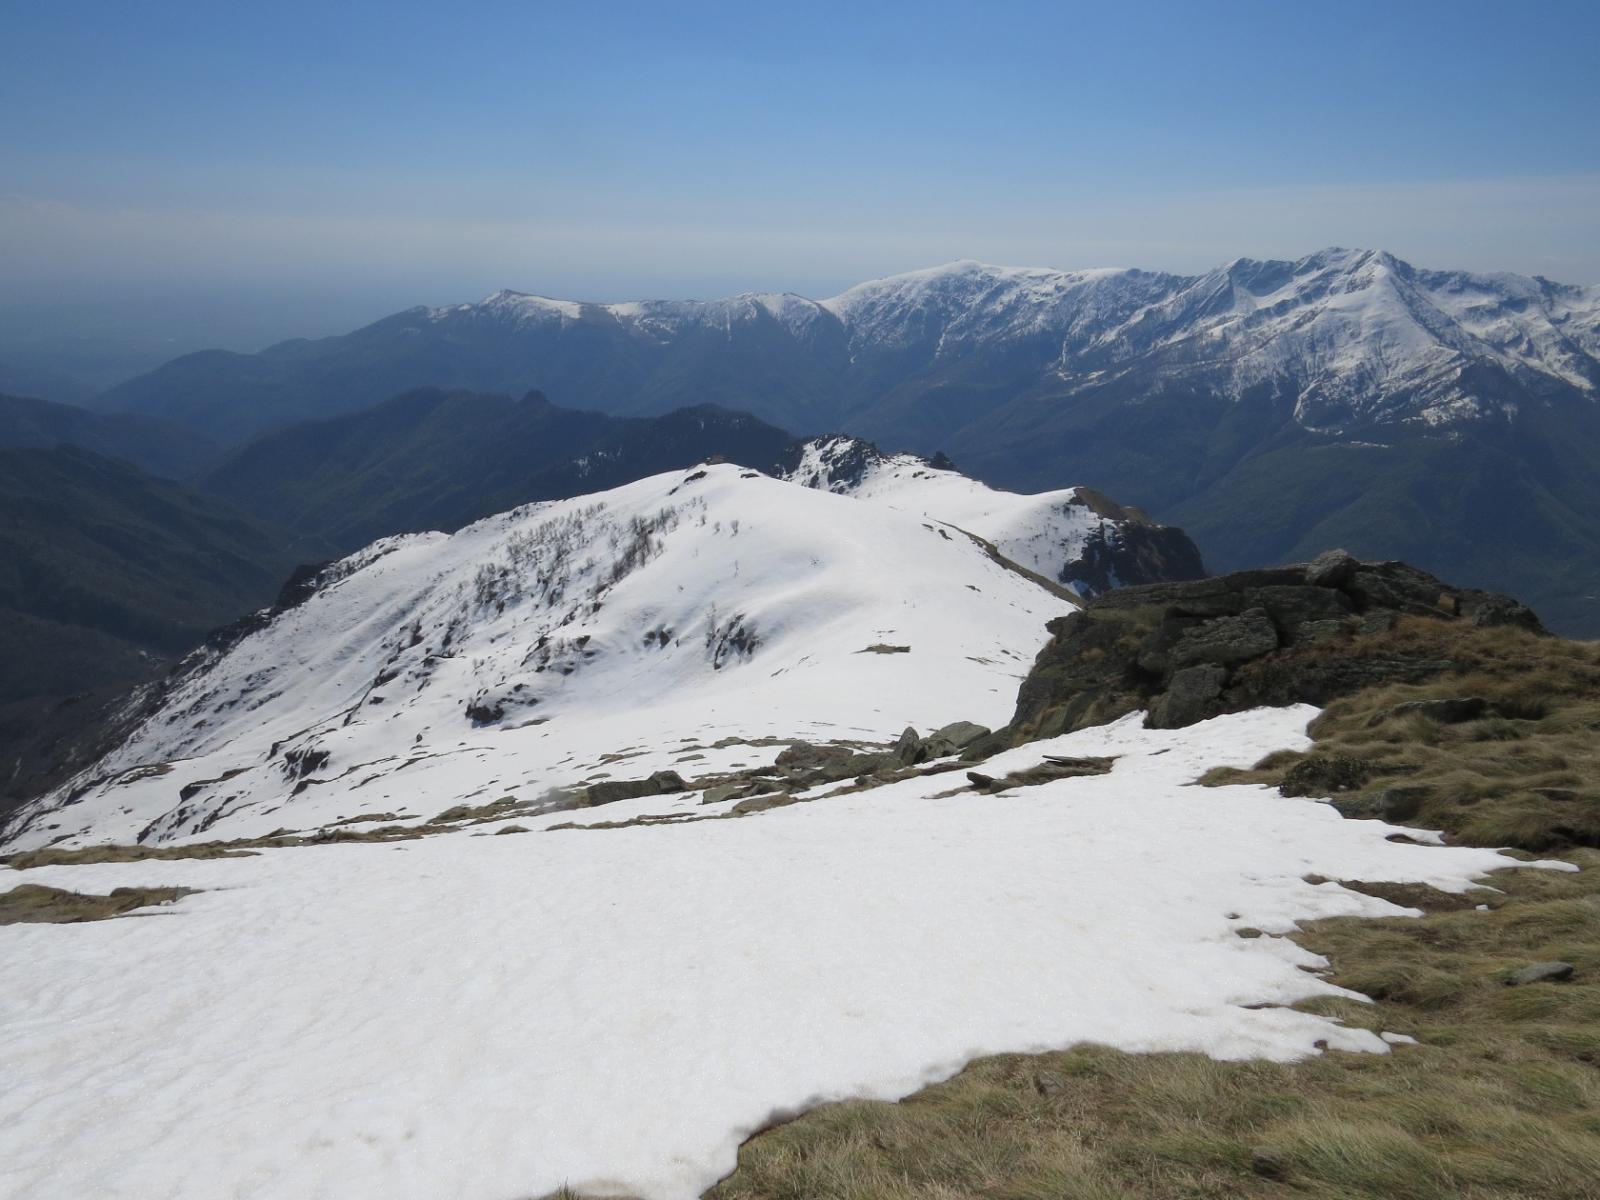 Ancora molta neve nei versanti poco esposti al sole